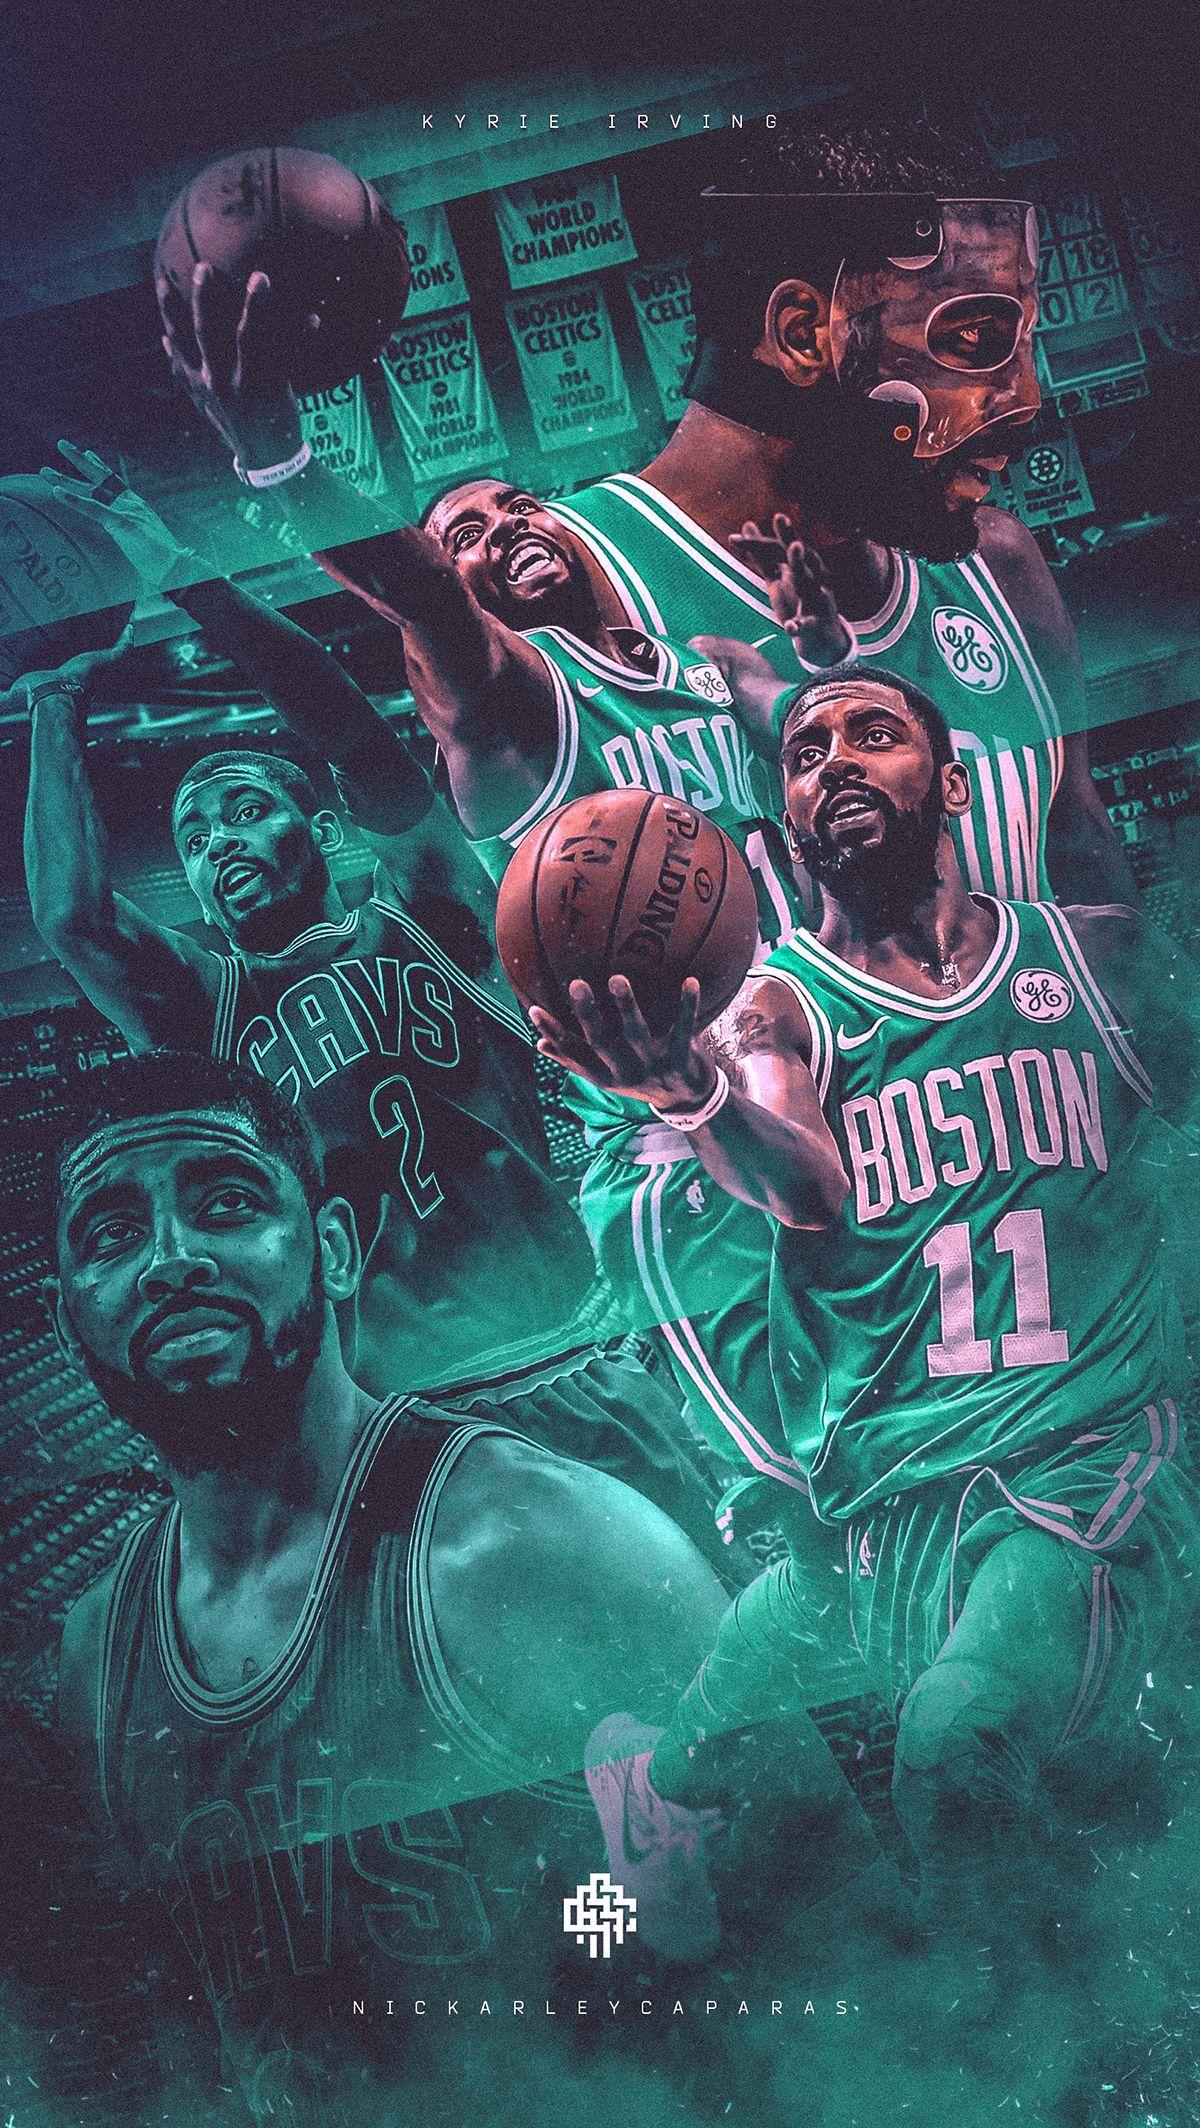 78dce90475d NBA Art | Kyrie Irving (Celtics/Cavaliers) Wallpaper on Behance ...